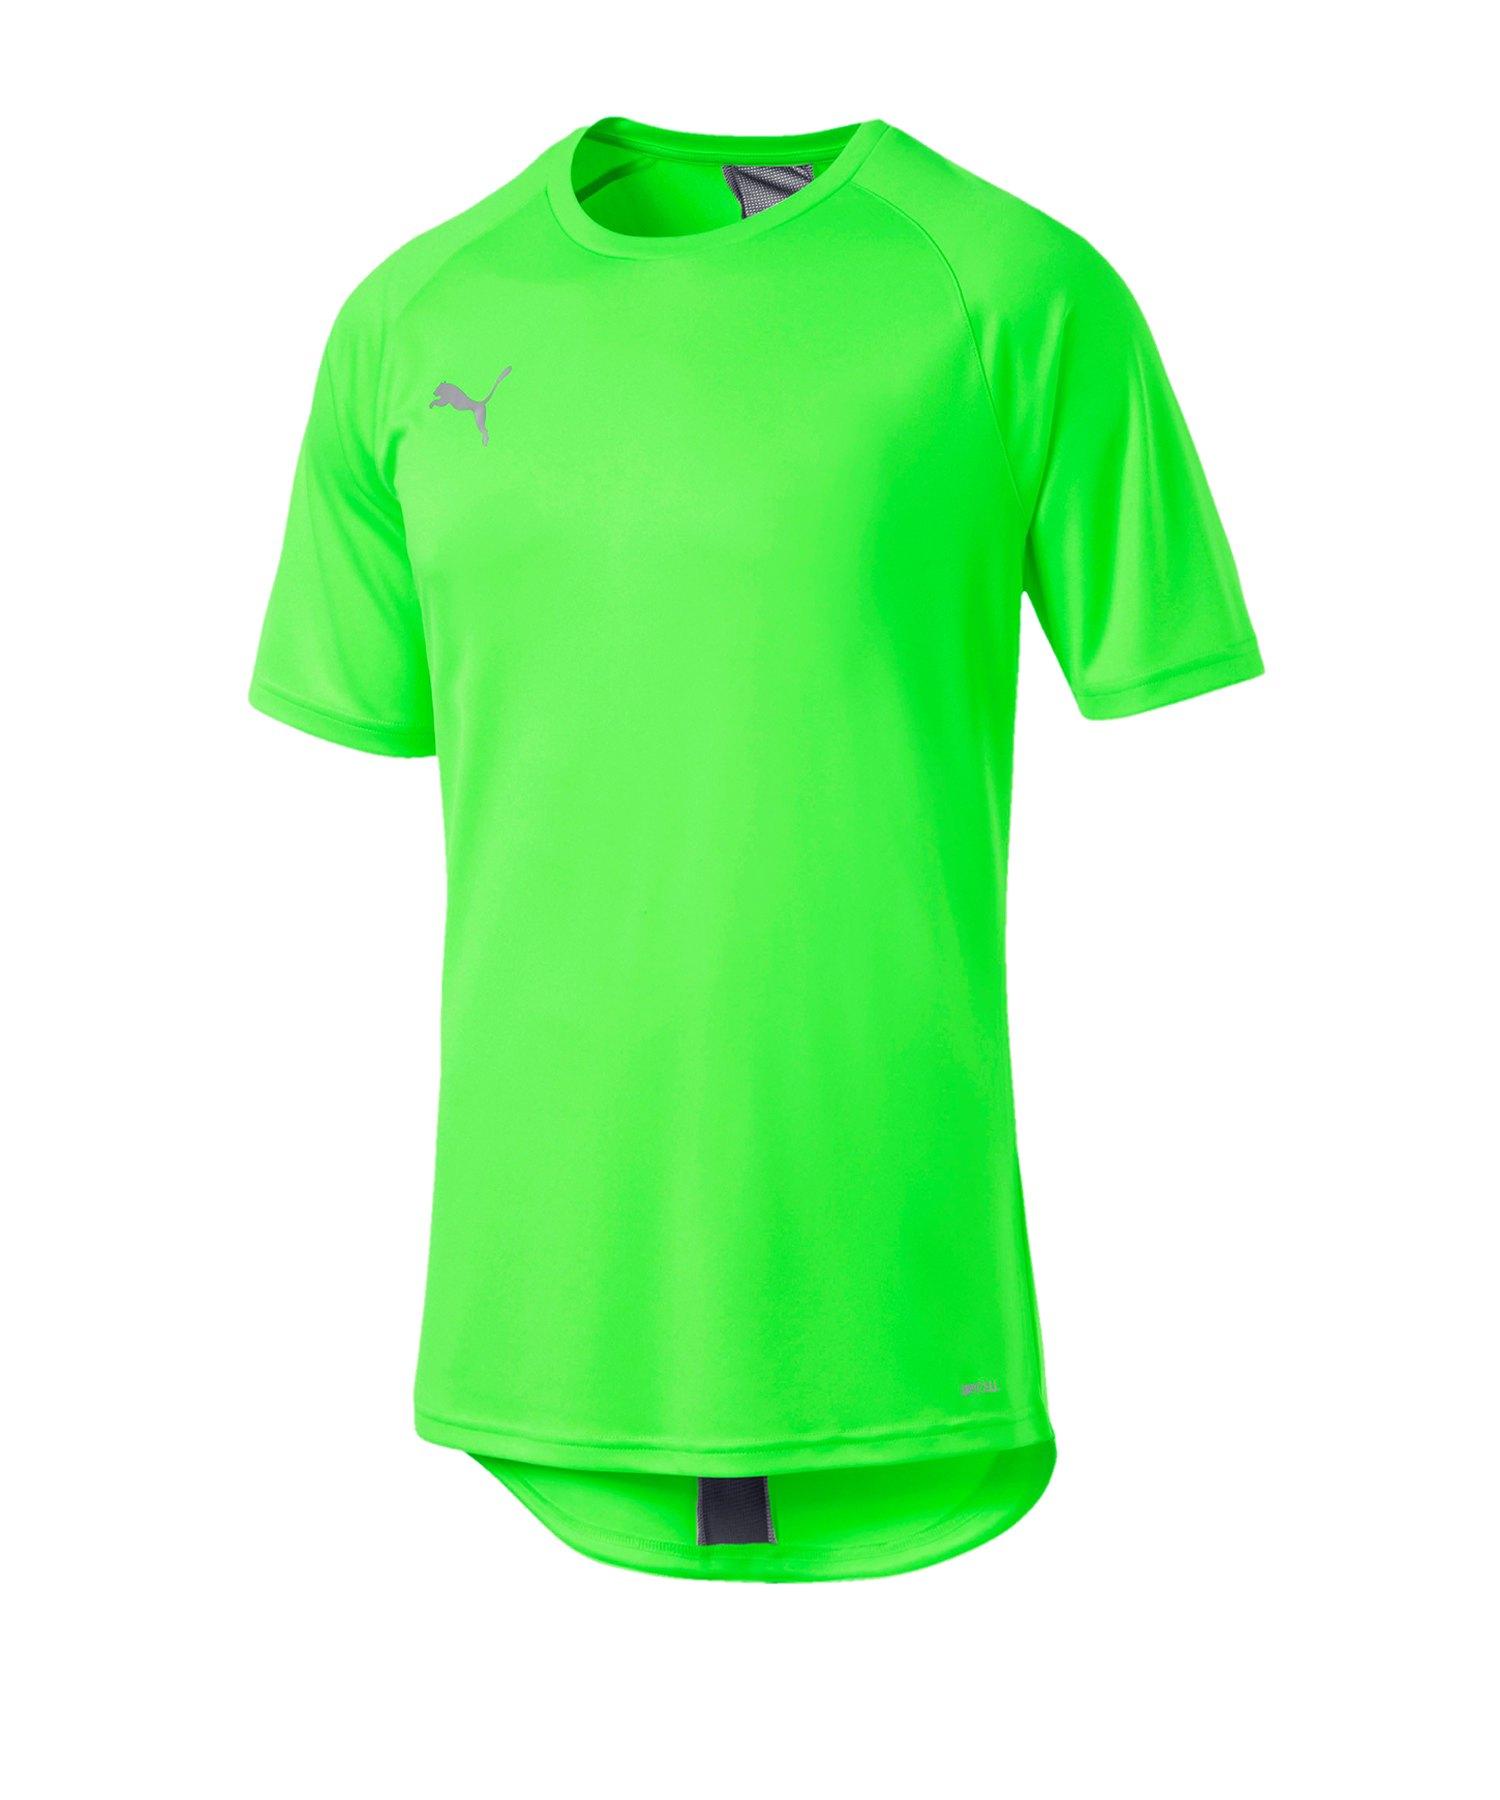 PUMA ftblNXT T-Shirt Grün Schwarz F03 - gruen